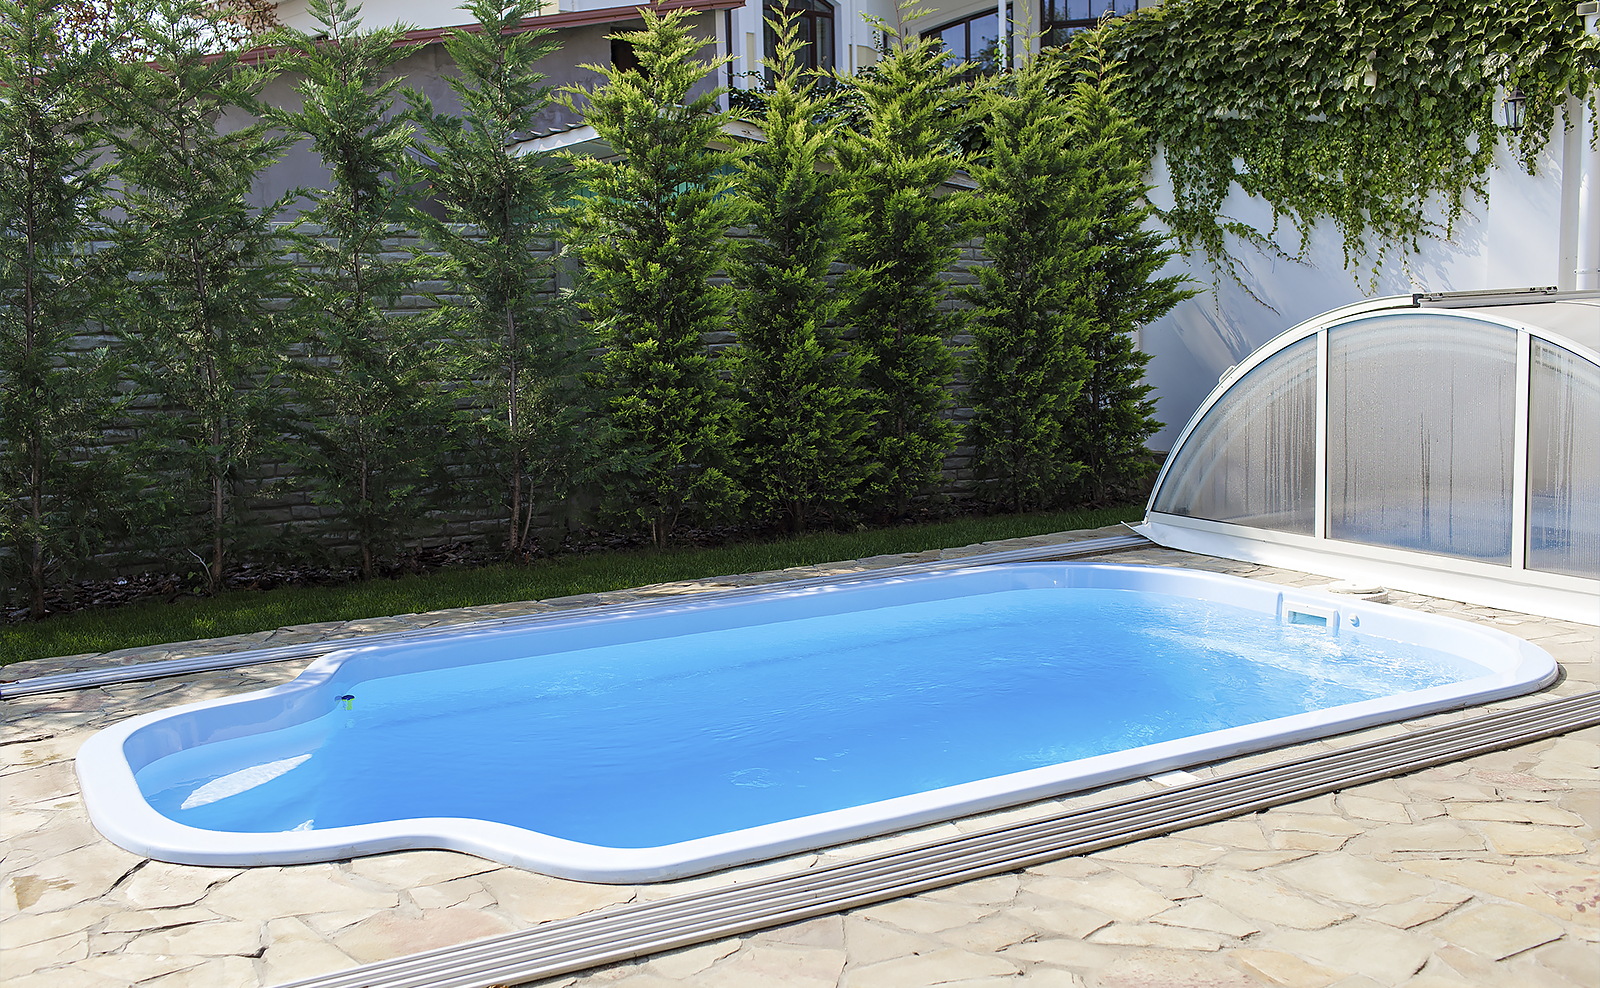 Картинки по запросу Строительство бассейнов в Одессе по доступной цене от интернет-магазина vashbas.com